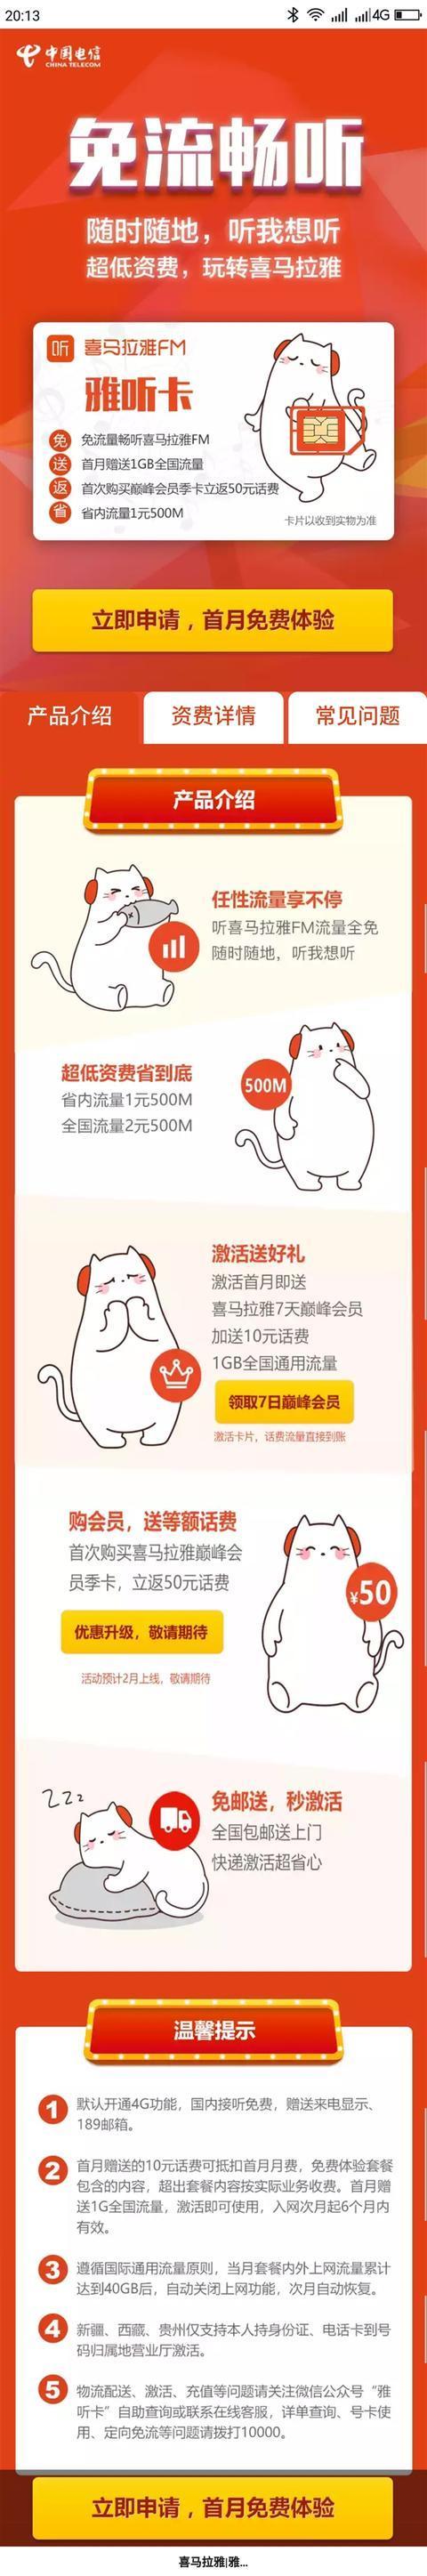 9元/月 中国电信雅听卡套餐上线的照片 - 2